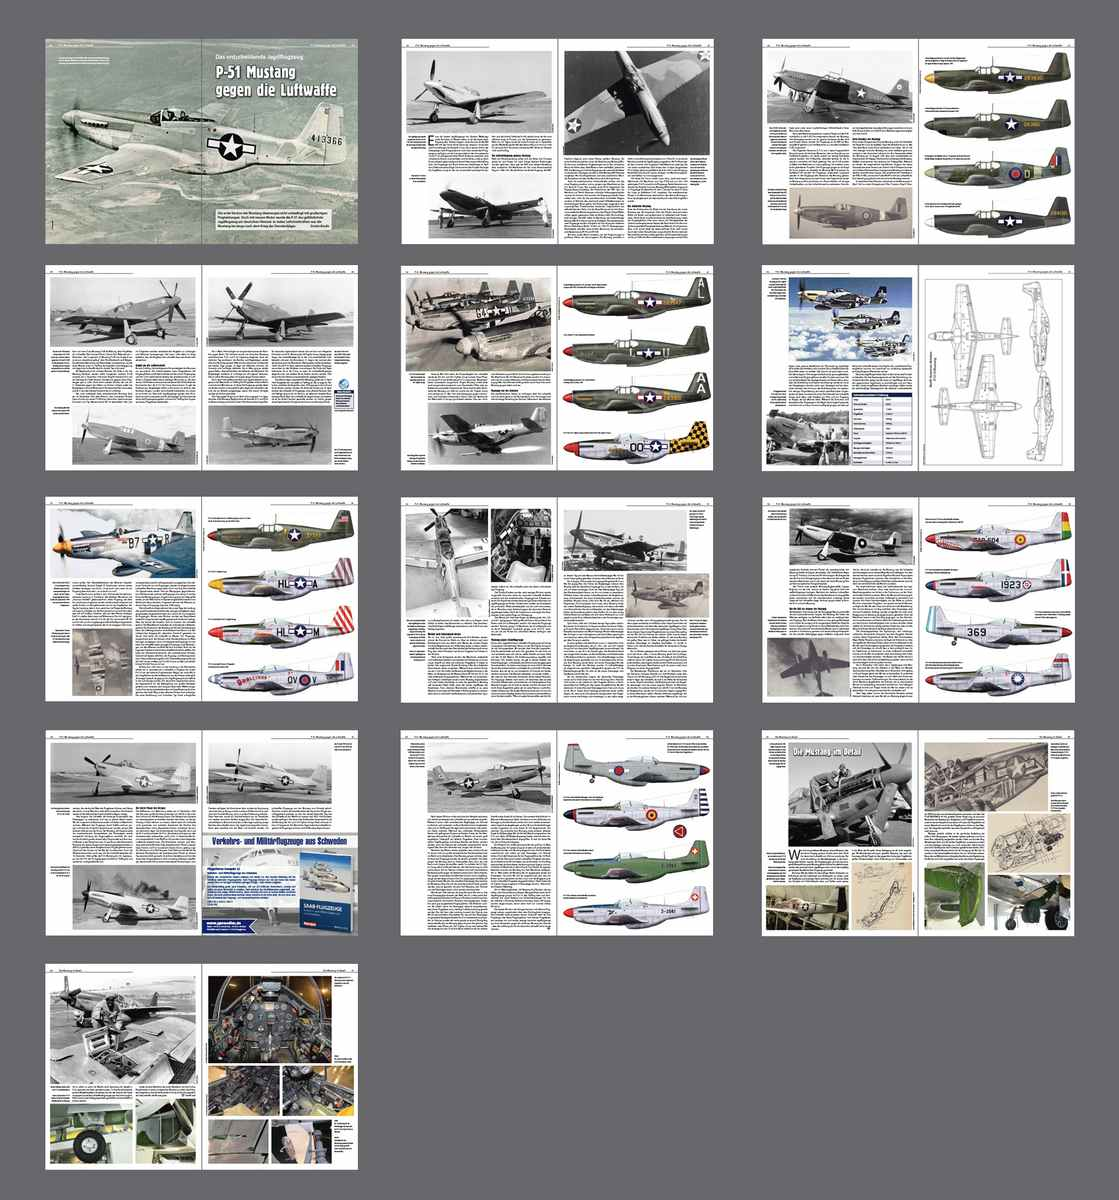 FliegerRevueX-Nr.65-P-51-Mustang Die neue Flieger Revue X ist da!